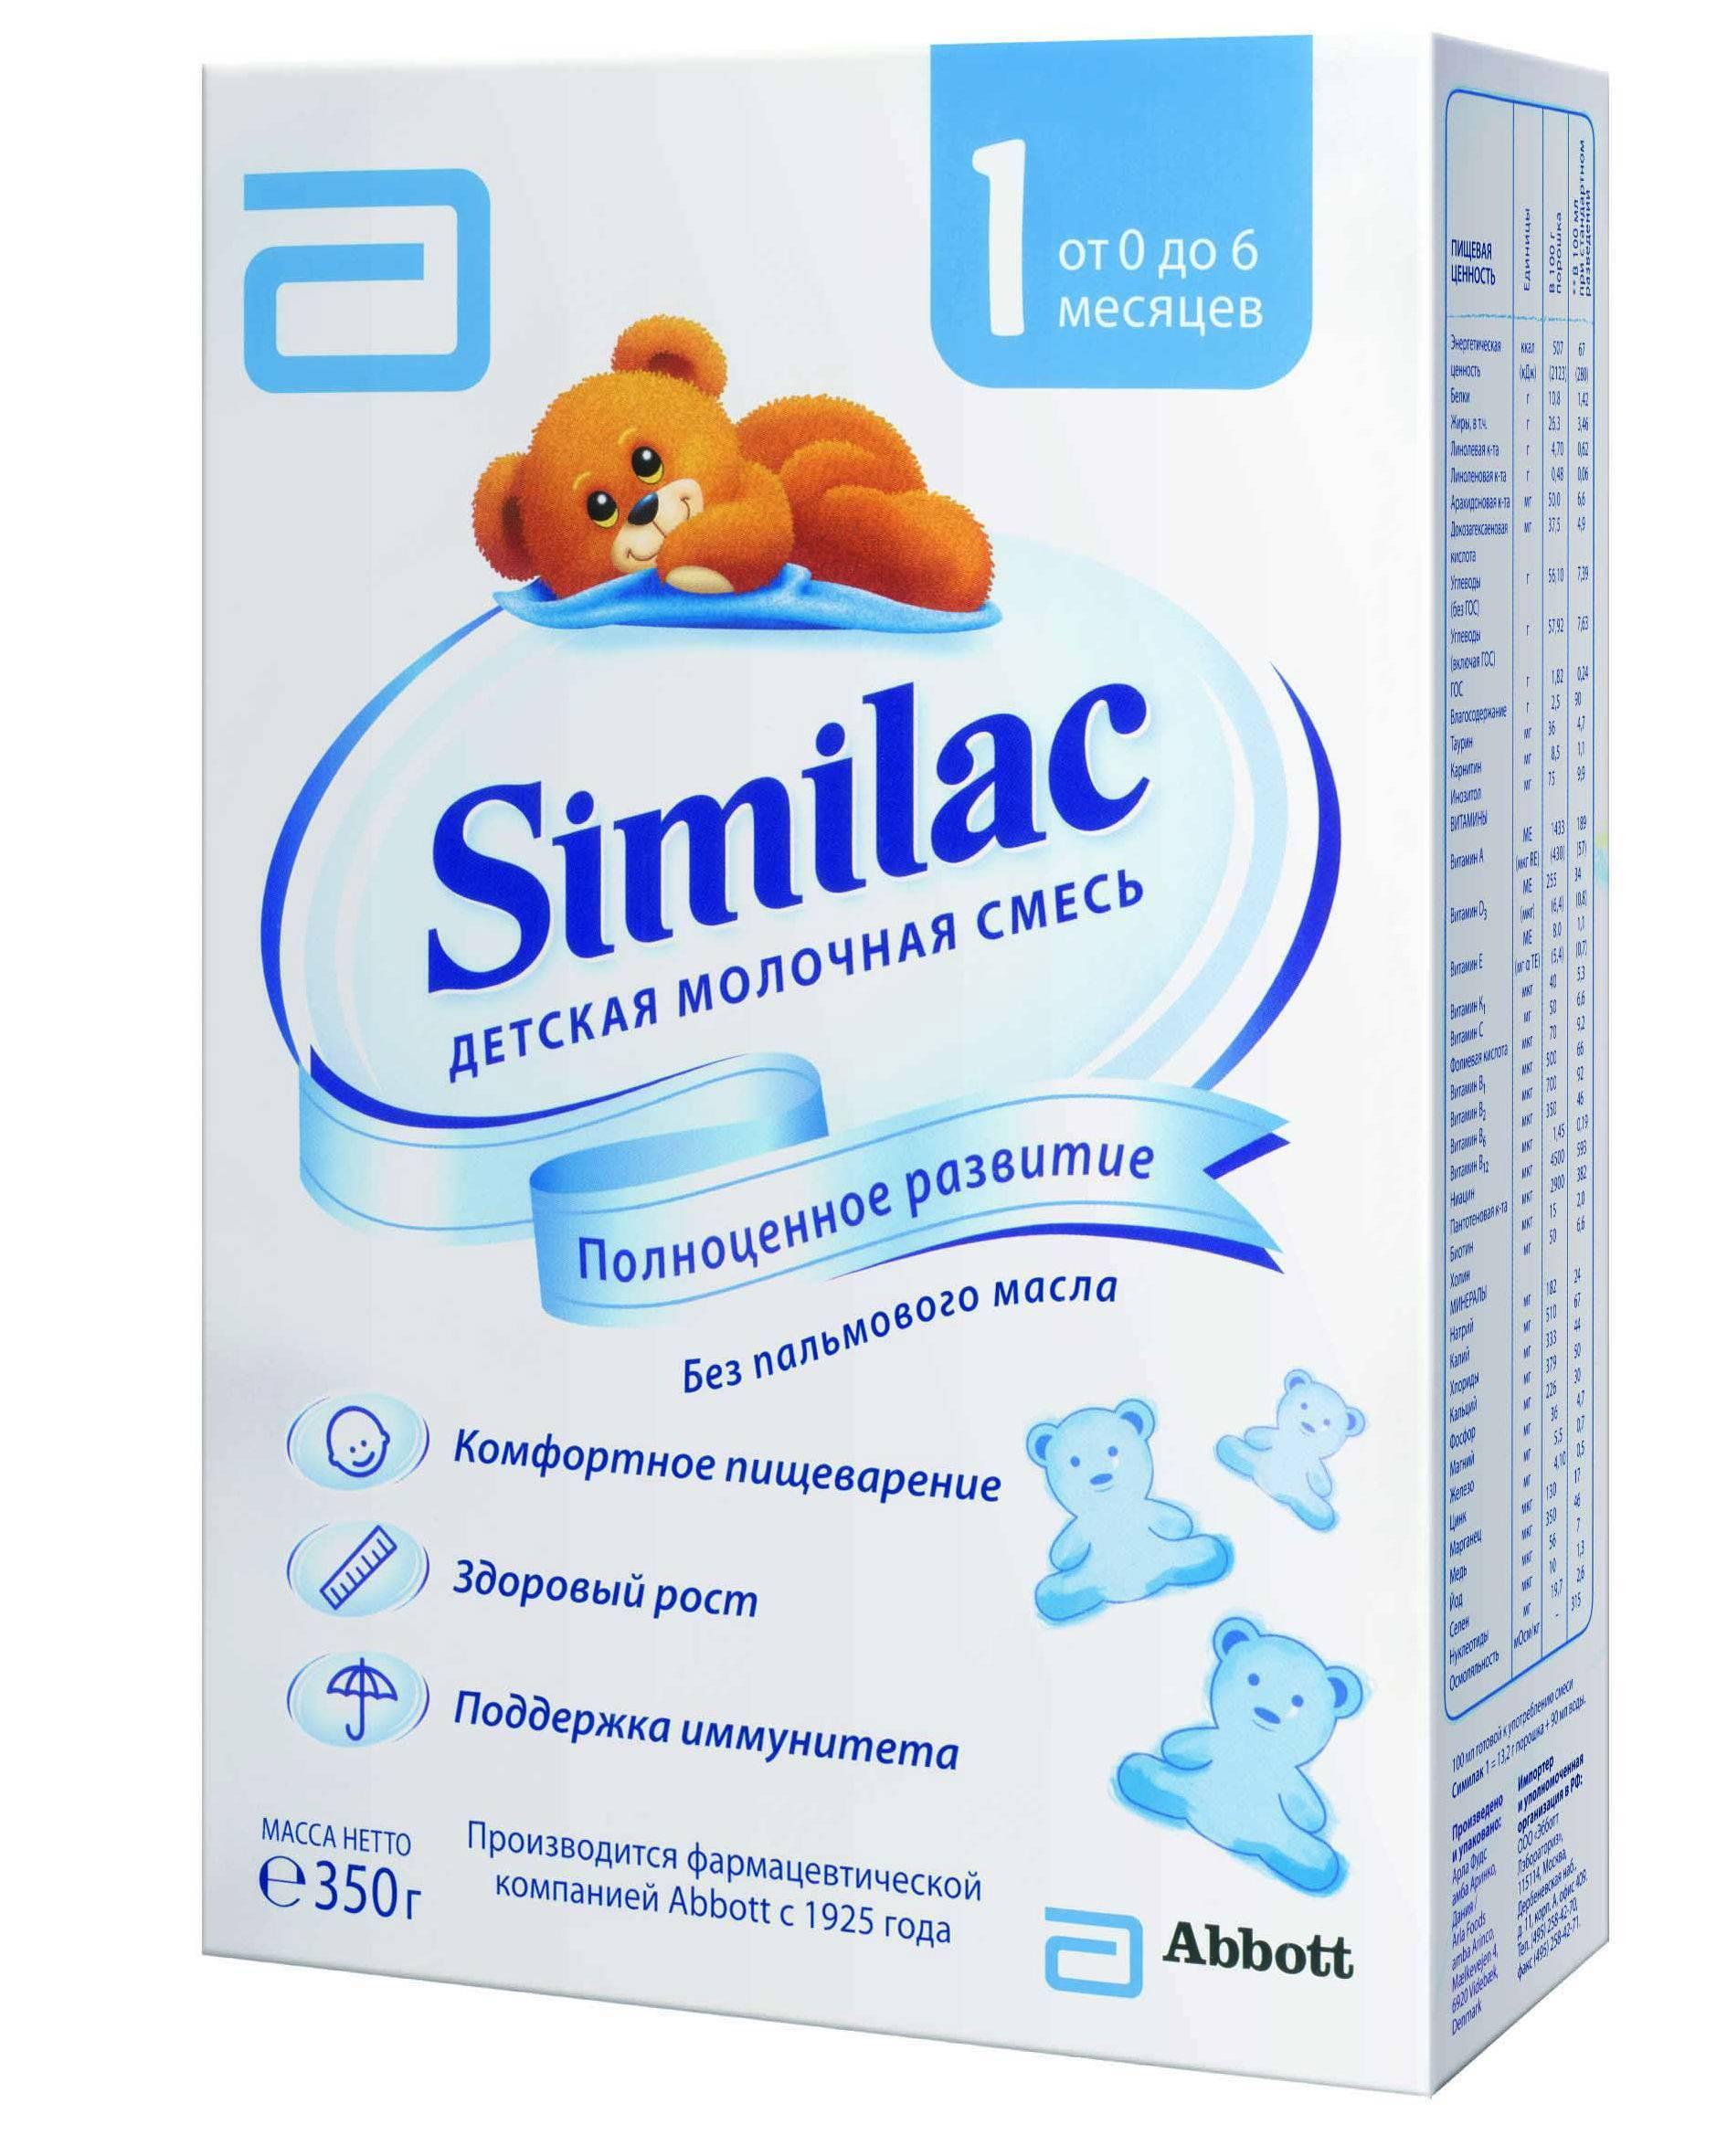 Детские молочные смеси симилак (similac) - ассортимент, состав